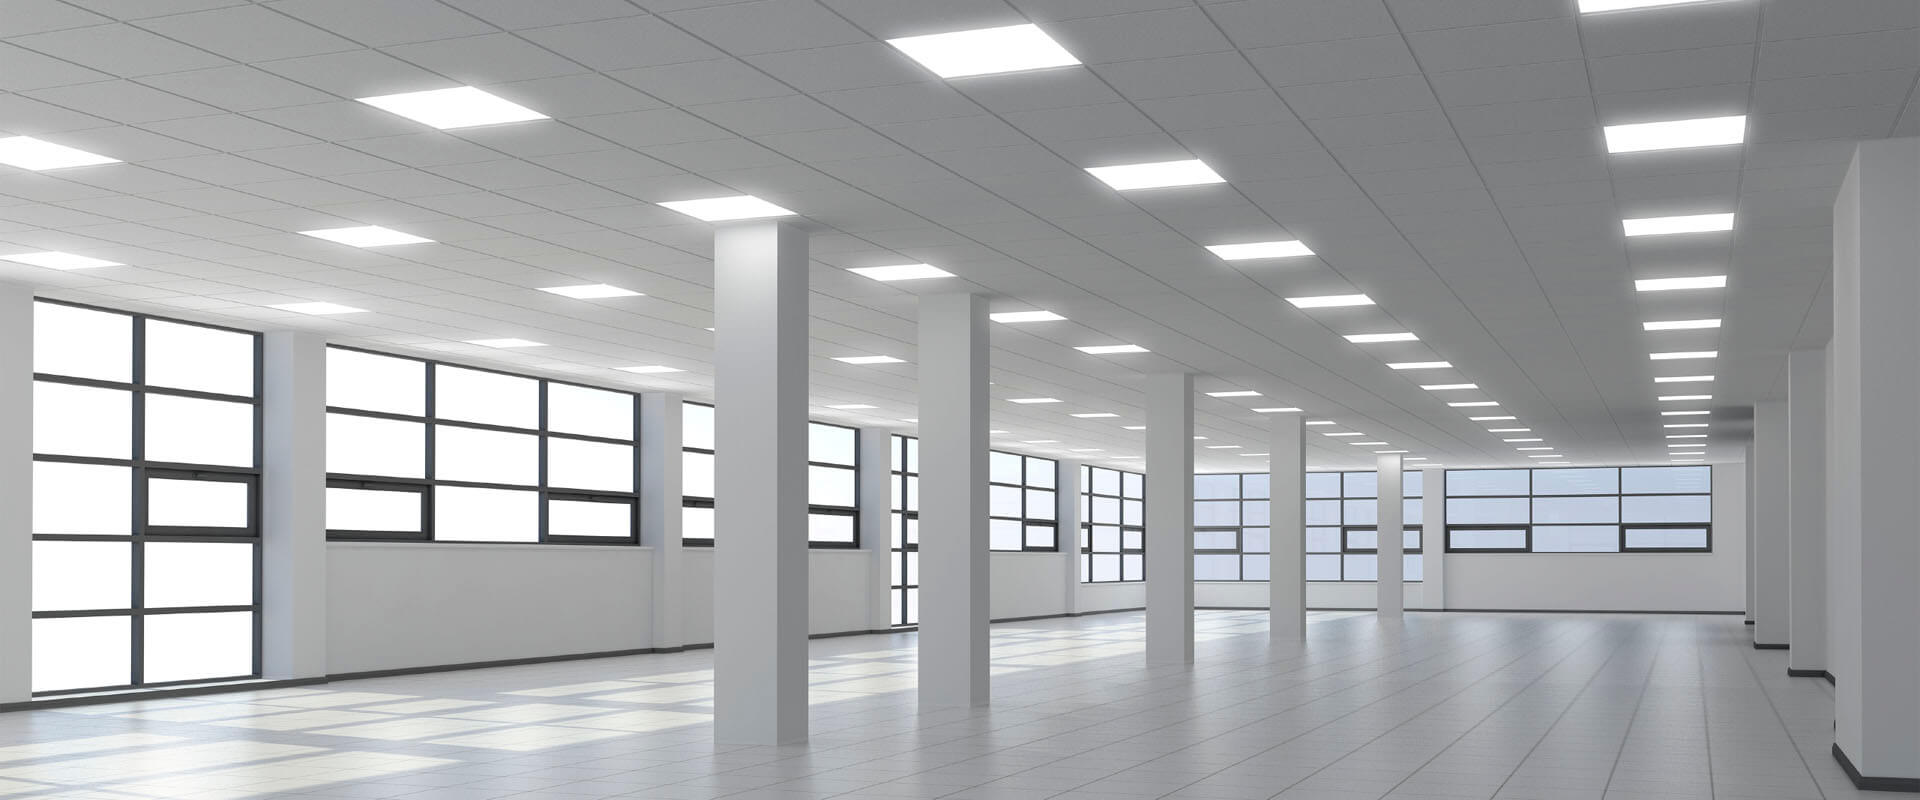 蔚蓝锂芯所属行业分类变更为电气机械和器材制造业